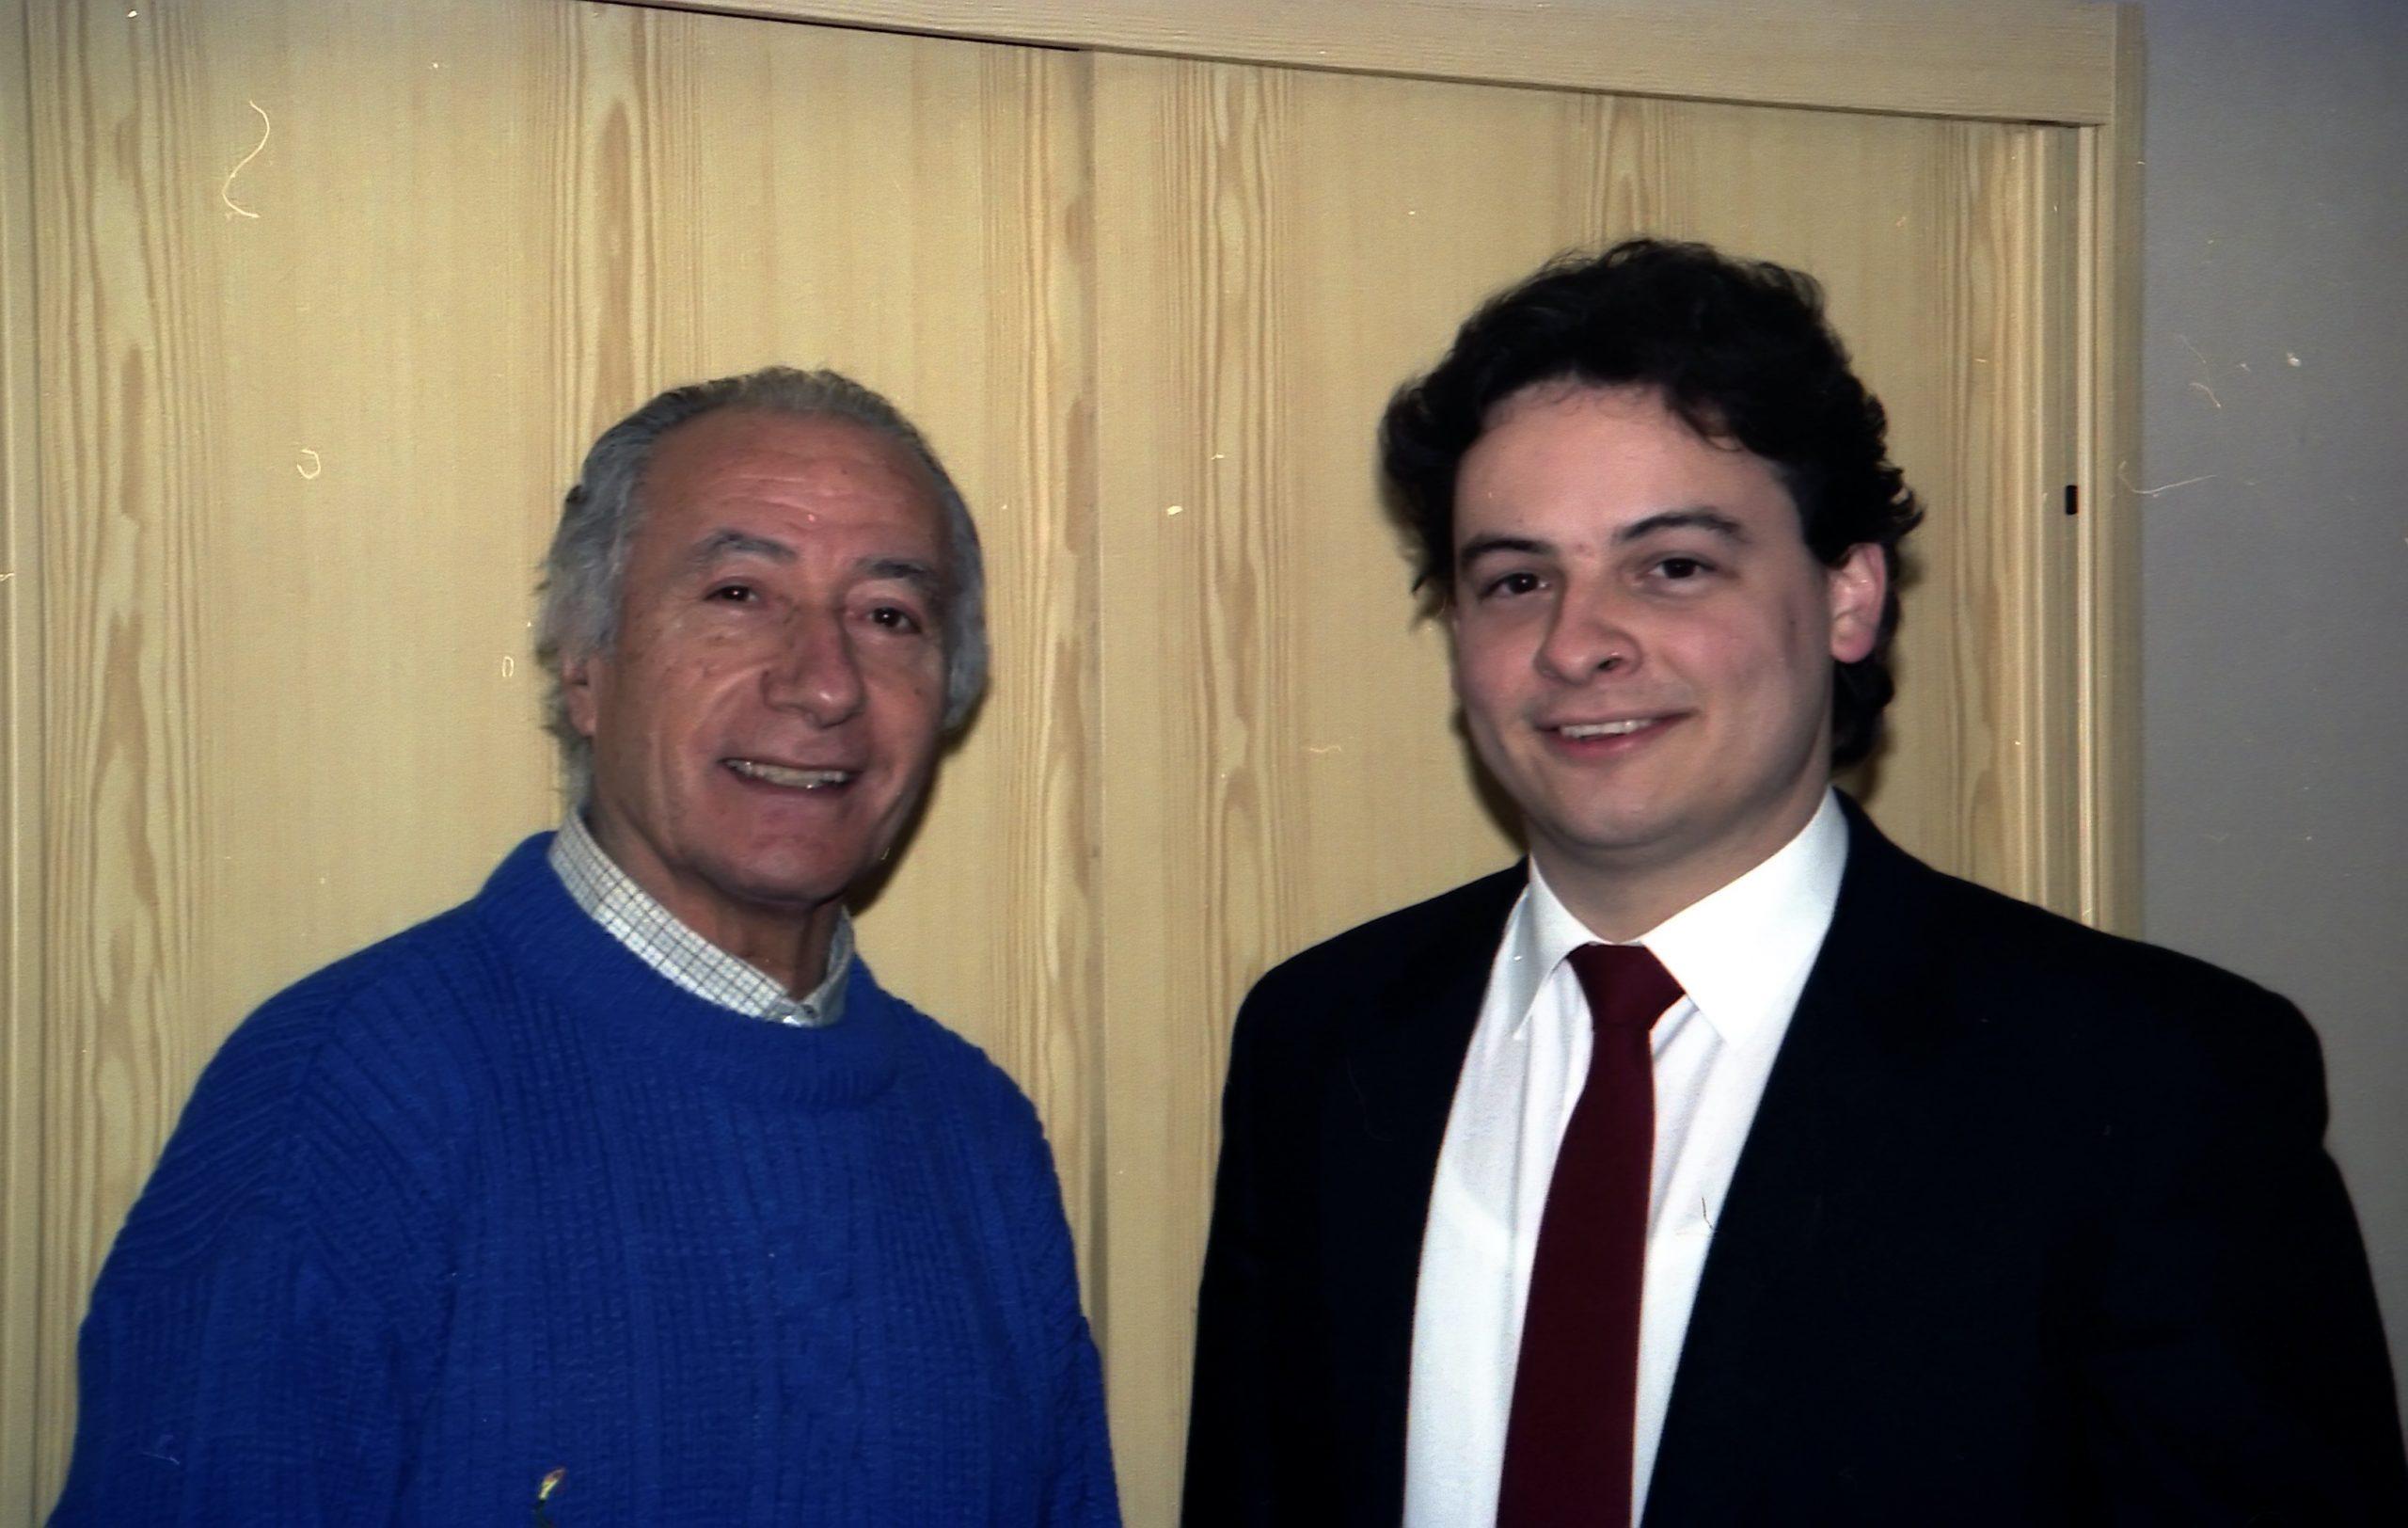 Alessandro visintini e Severino Gazzelloni